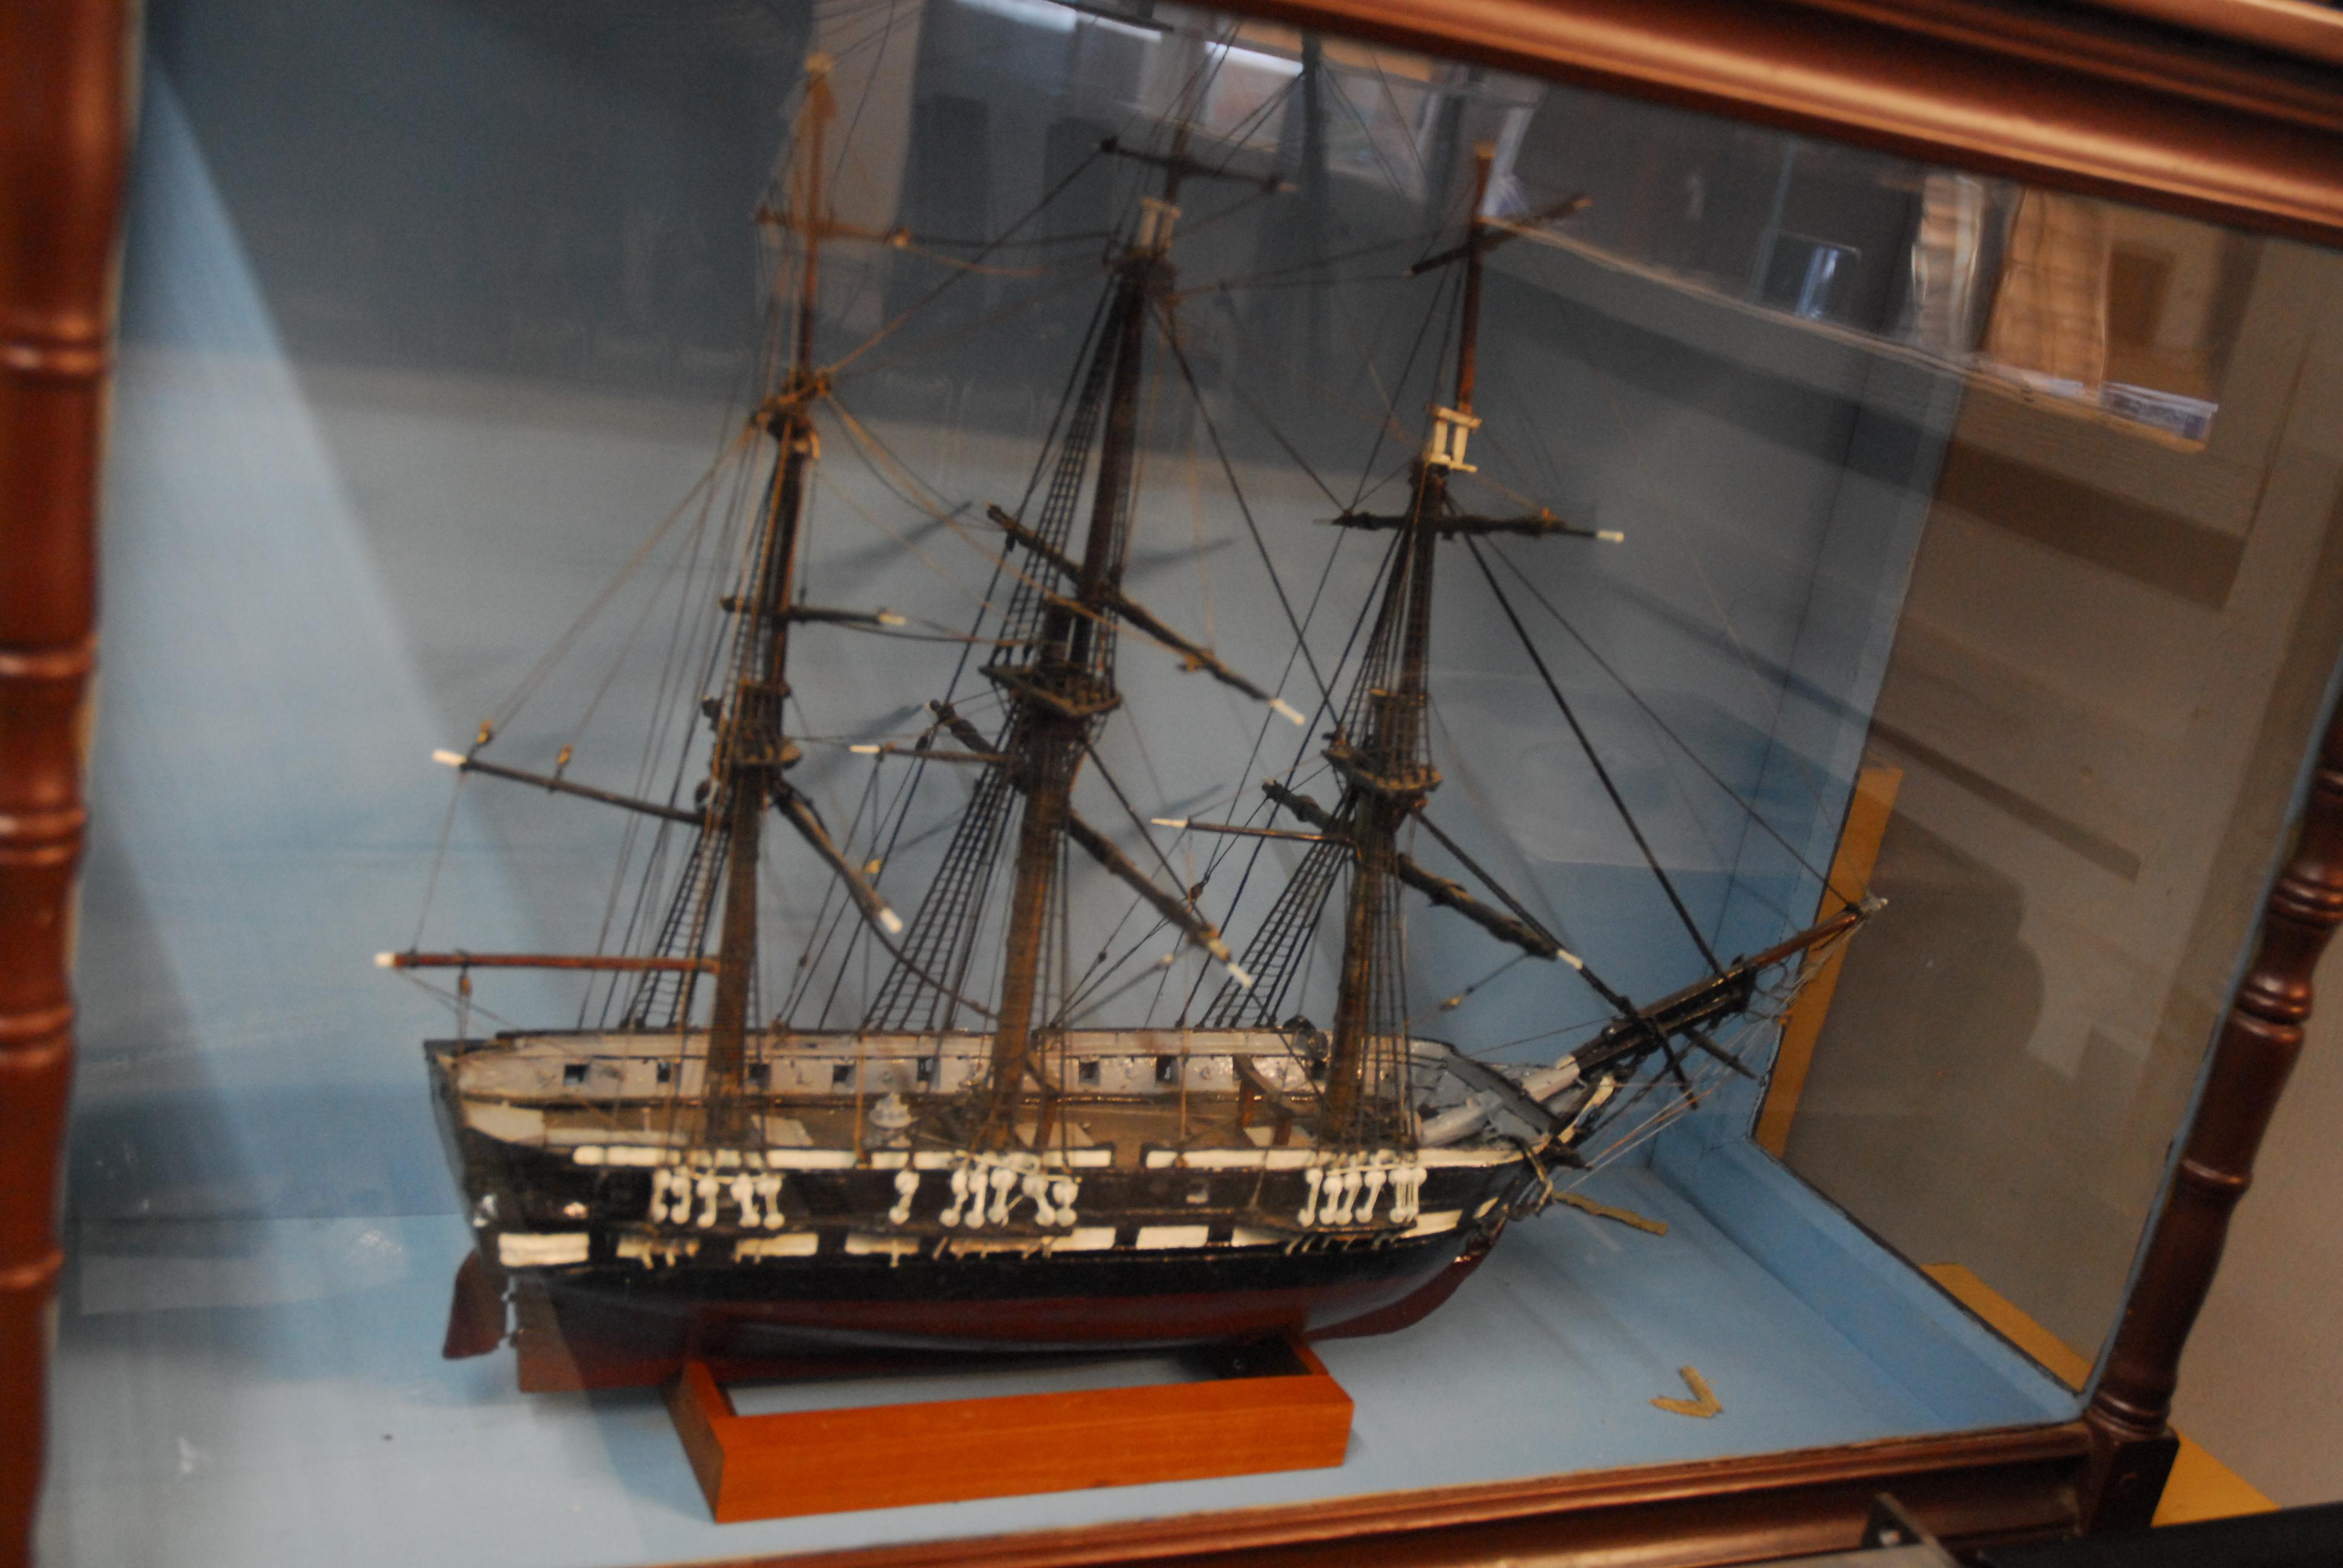 zeilschip, 3-mast volschip, Fregat